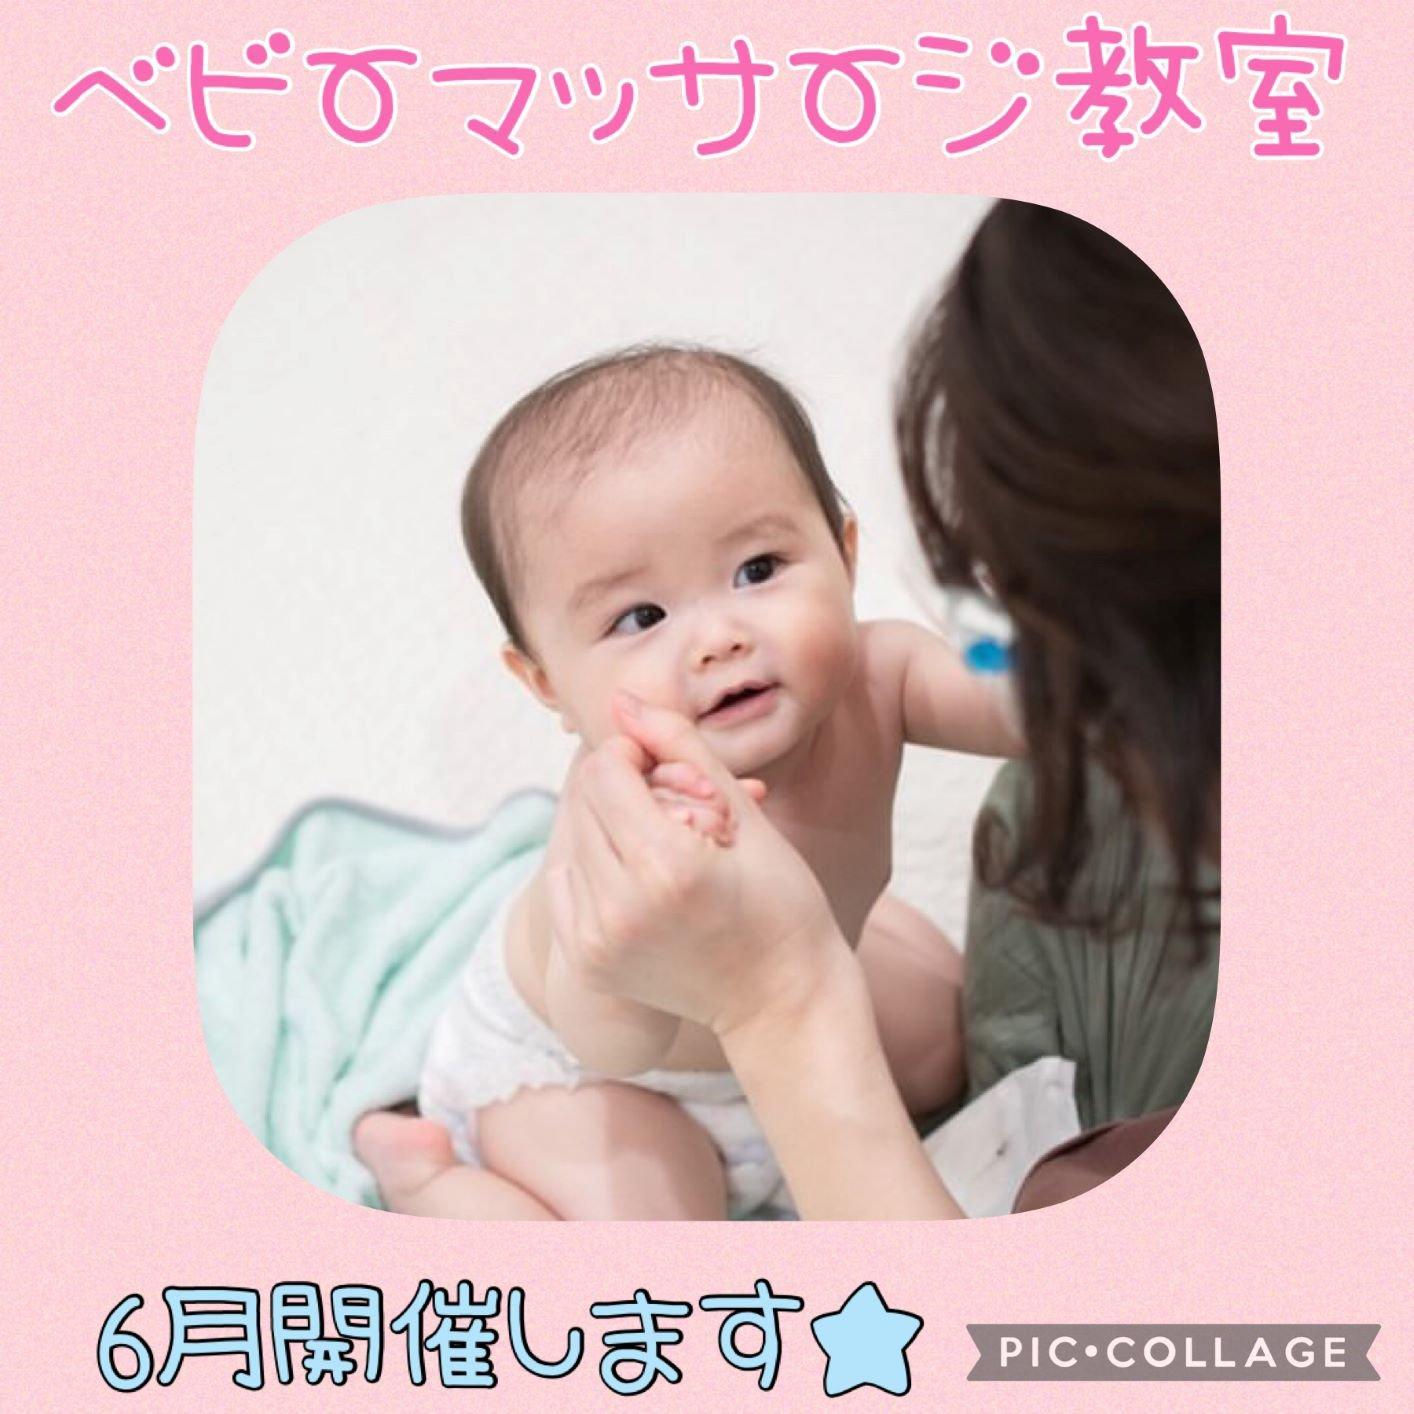 🔶募集中🔶6/7・14・21・28 ベビーマッサージ教室開催のお知らせ